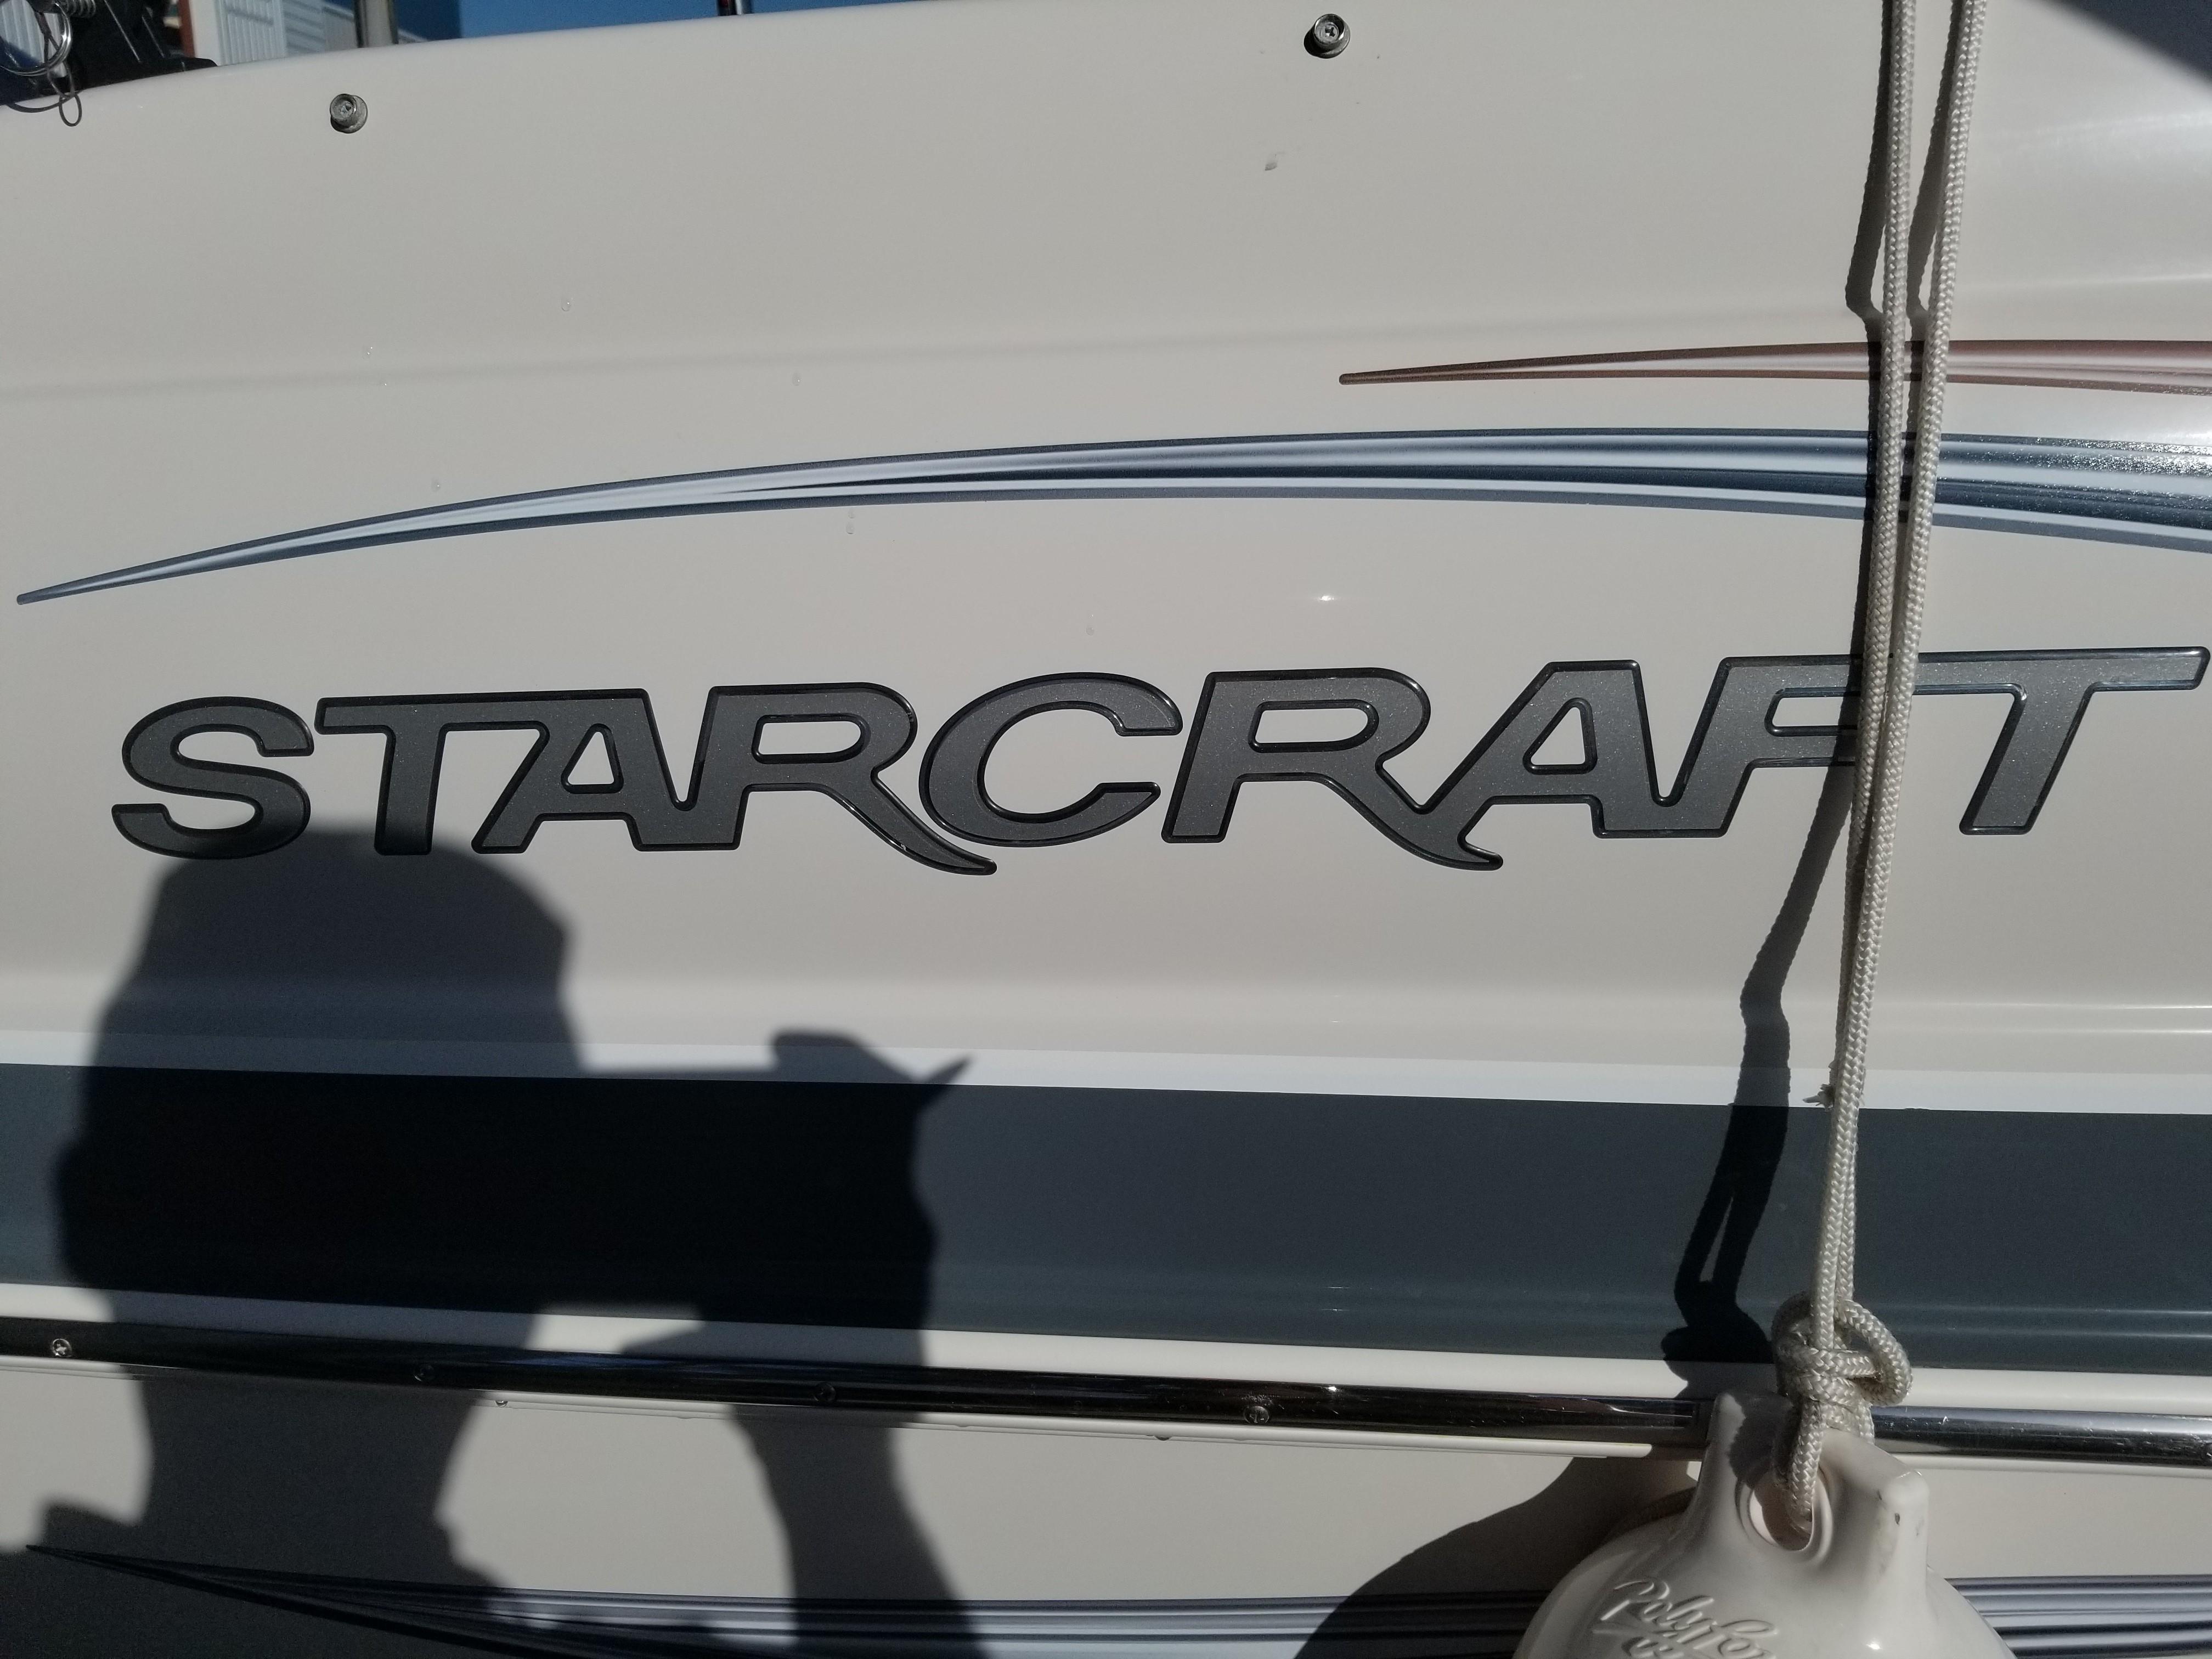 2016 Starcraft 2000 LTD OB Image Thumbnail #3